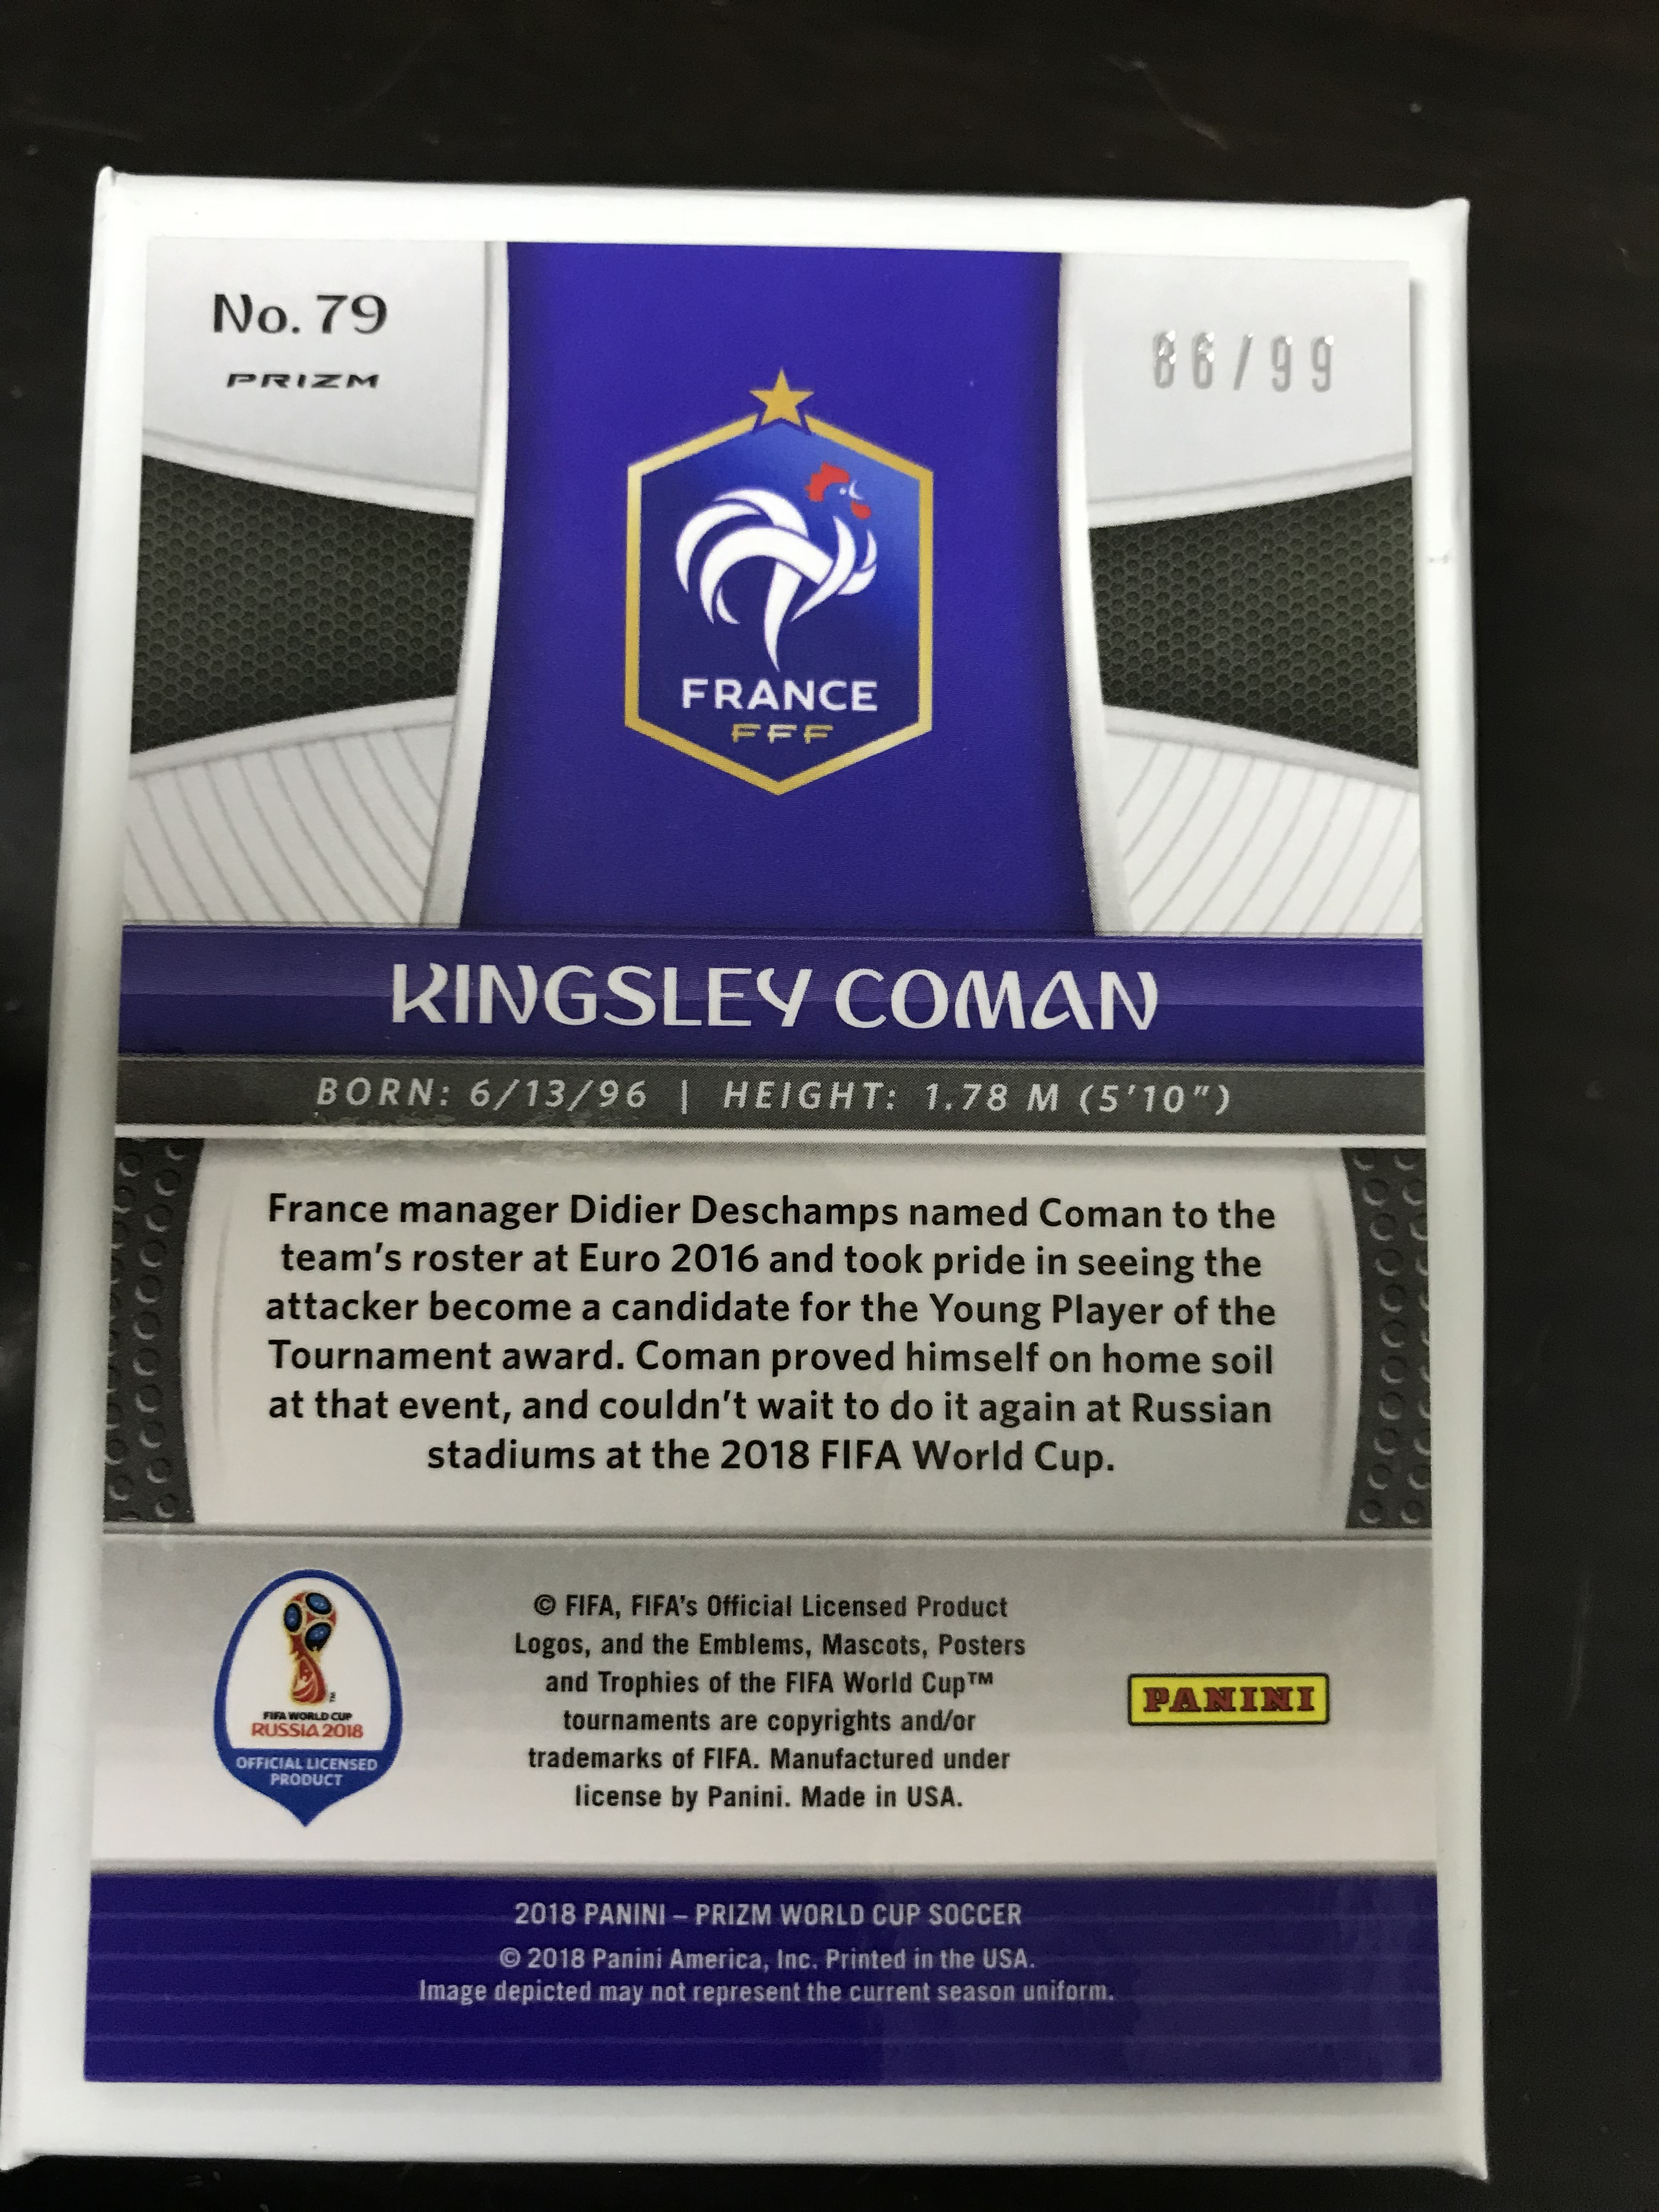 2018 世界杯 法国 科曼 紫折 86/99